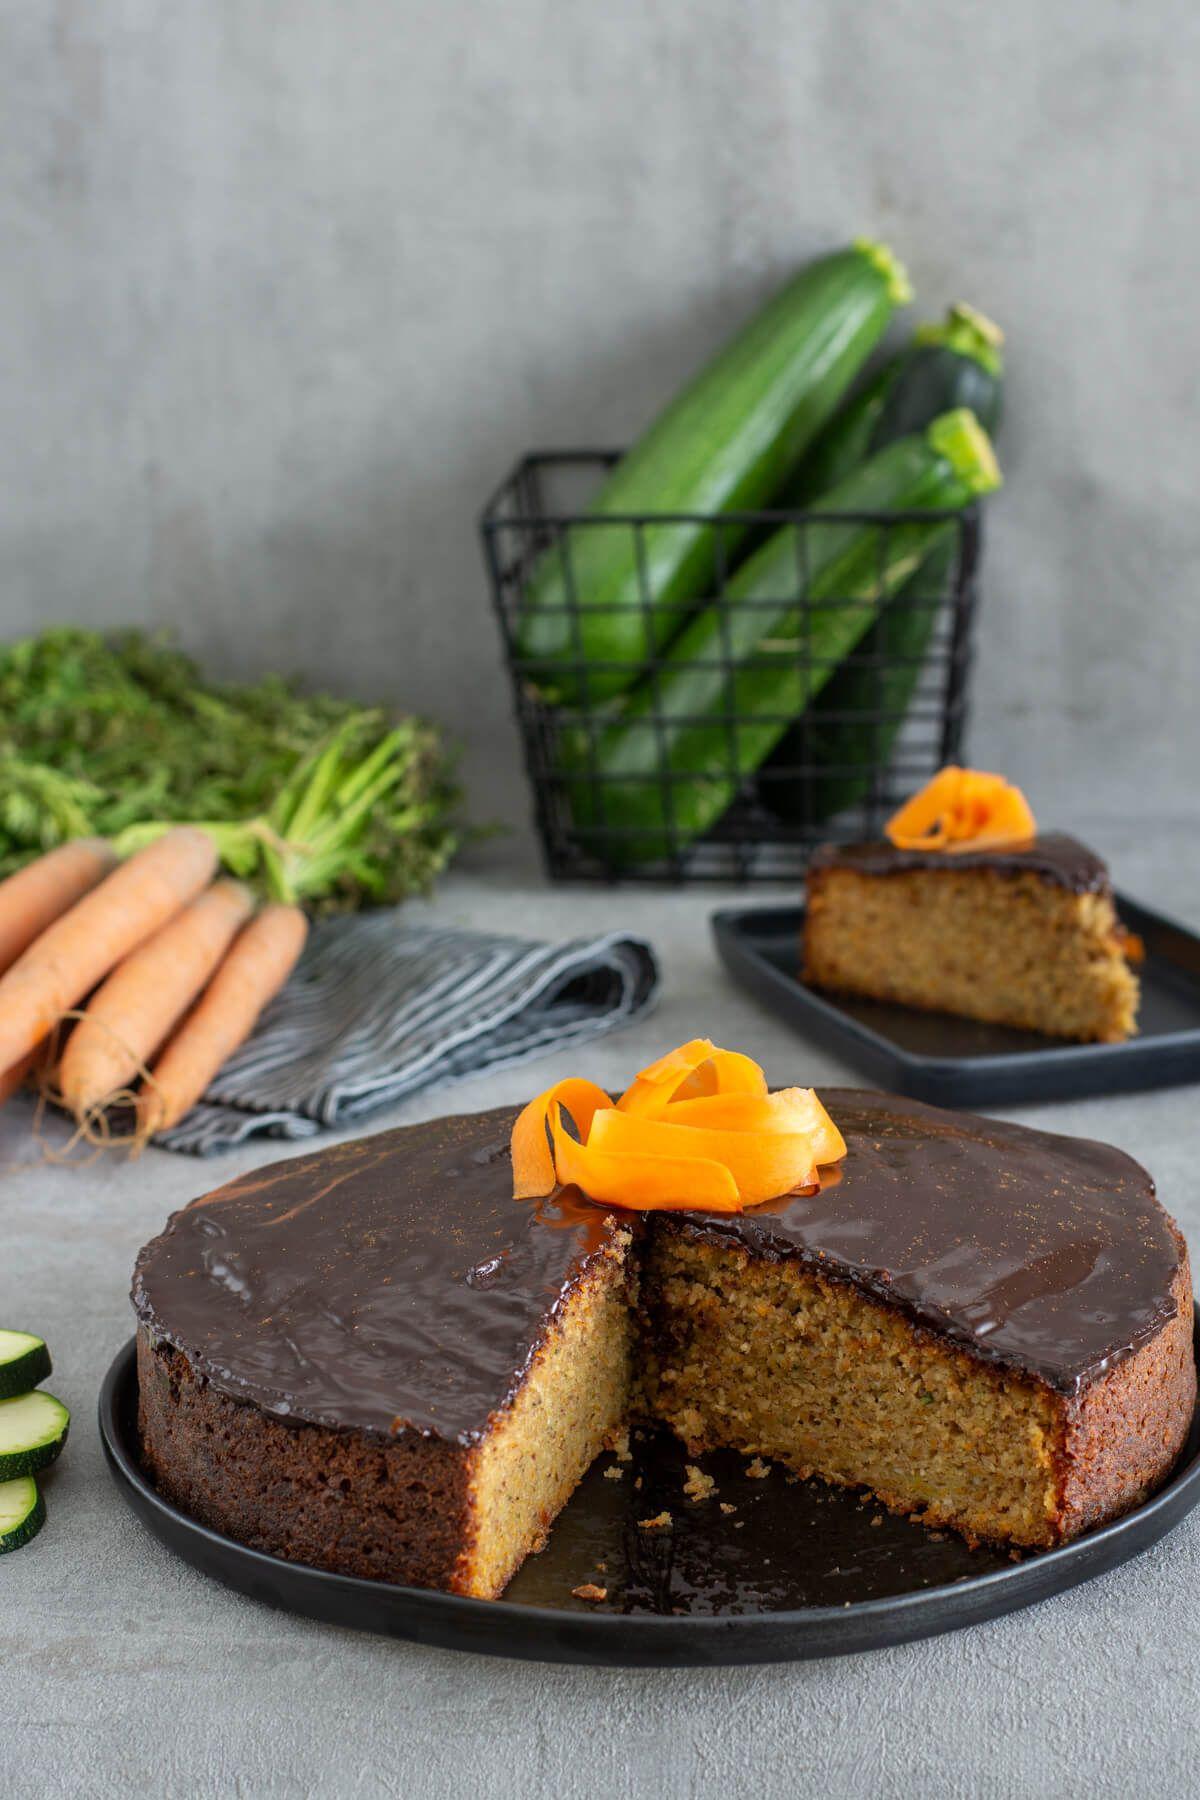 Saftiger Zucchini Karottenkuchen Ohne Zucker Zucchini Karottenkuchen Zuckerfrei Backen Und Karotten Kuchen